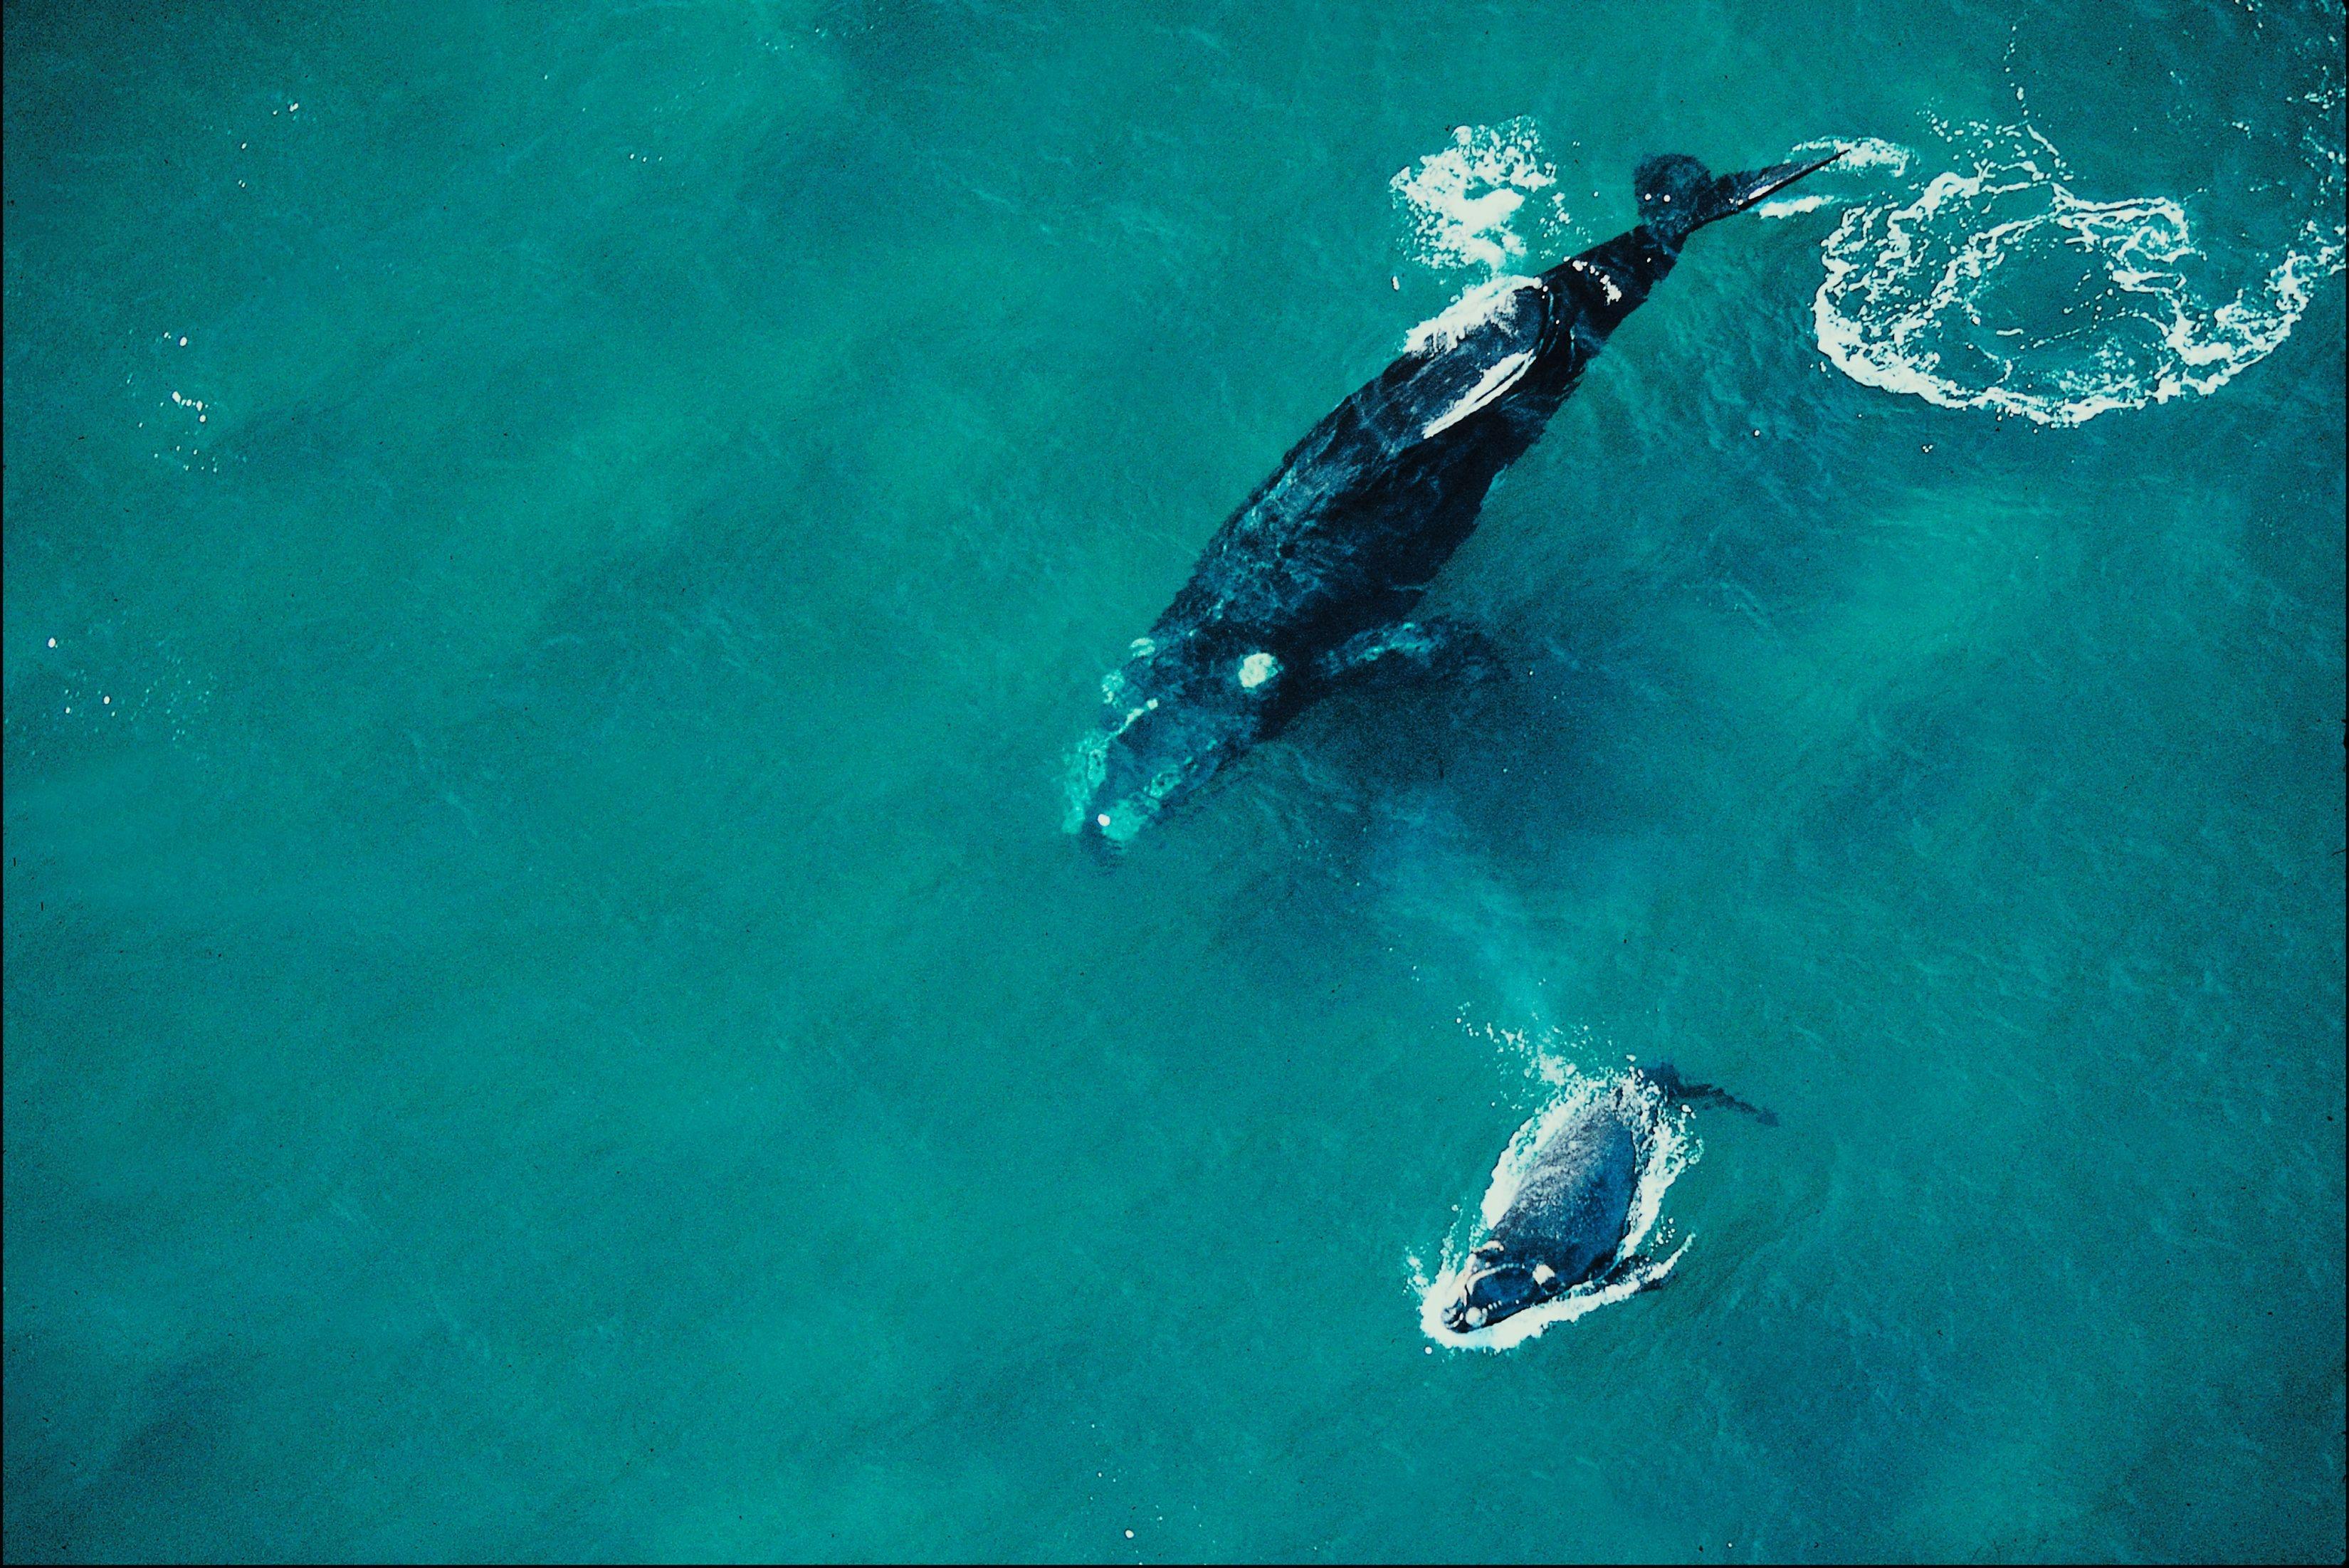 Baleia-franca com filhote